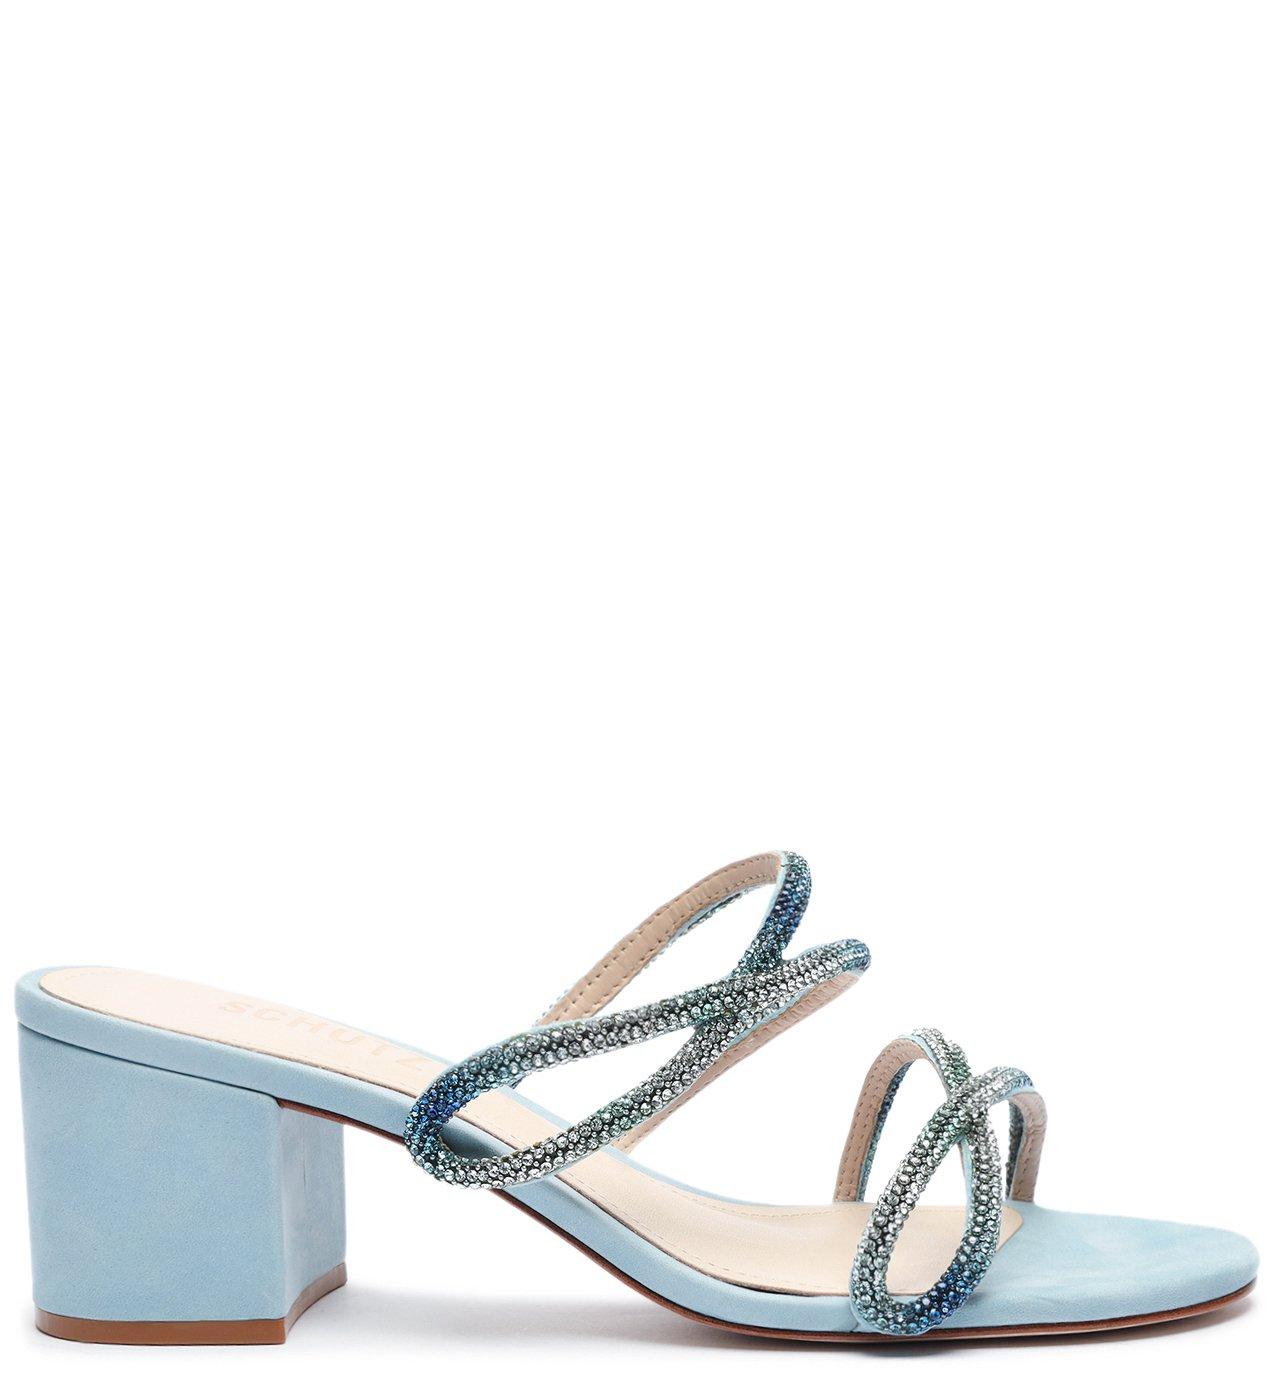 Sandália Mule Block Heel Glam Blue | Schutz